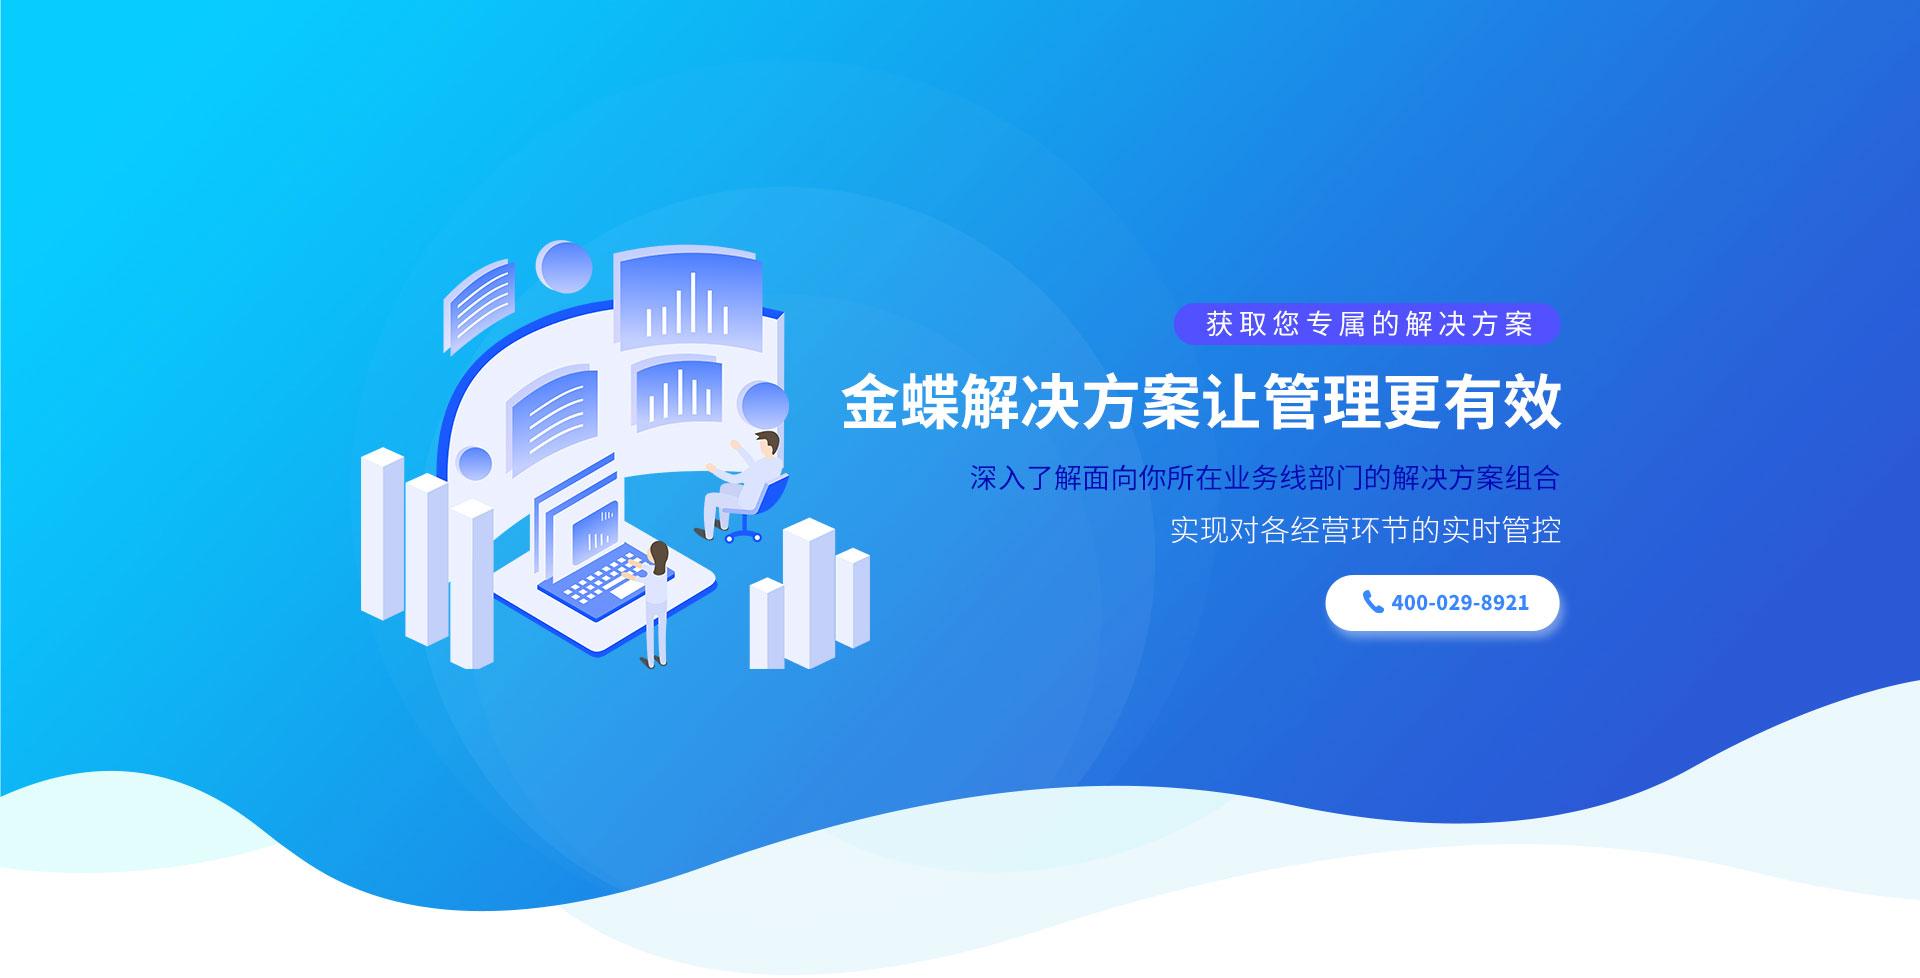 江苏金蝶软件